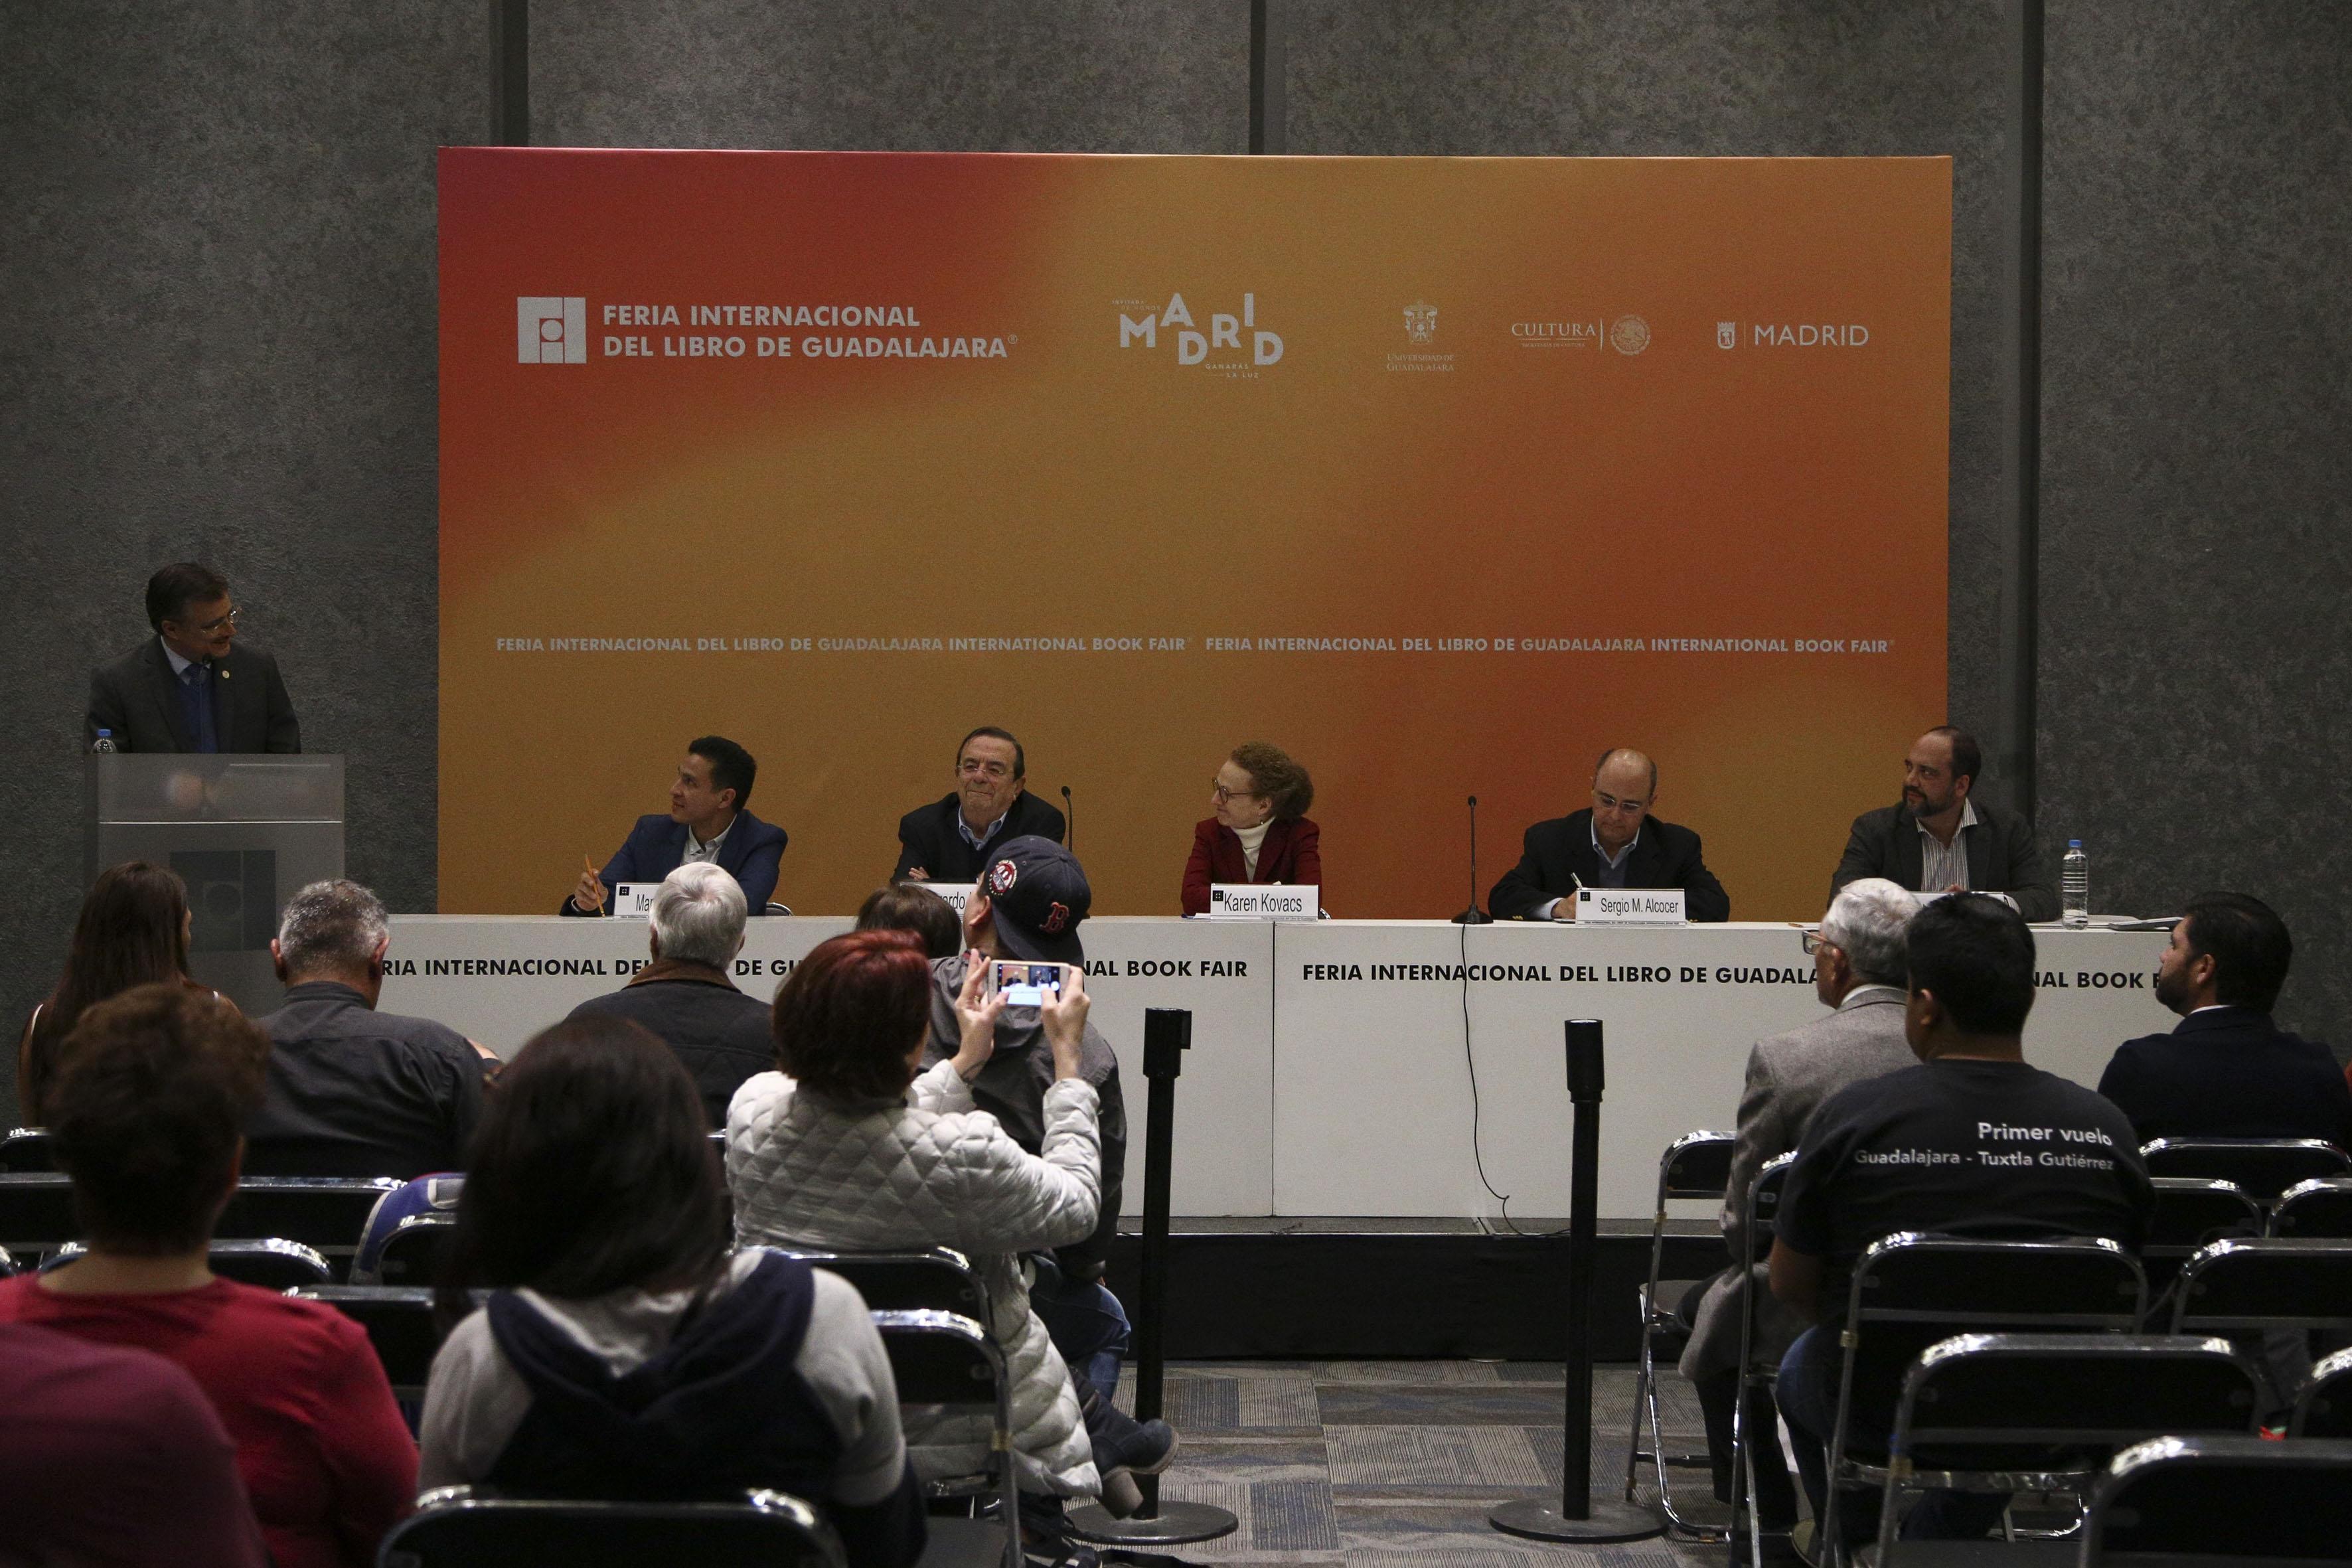 Presentación de la plataforma México Exponencial  en la Feria Internacional del Libro de Guadalajara (FIL 2017)